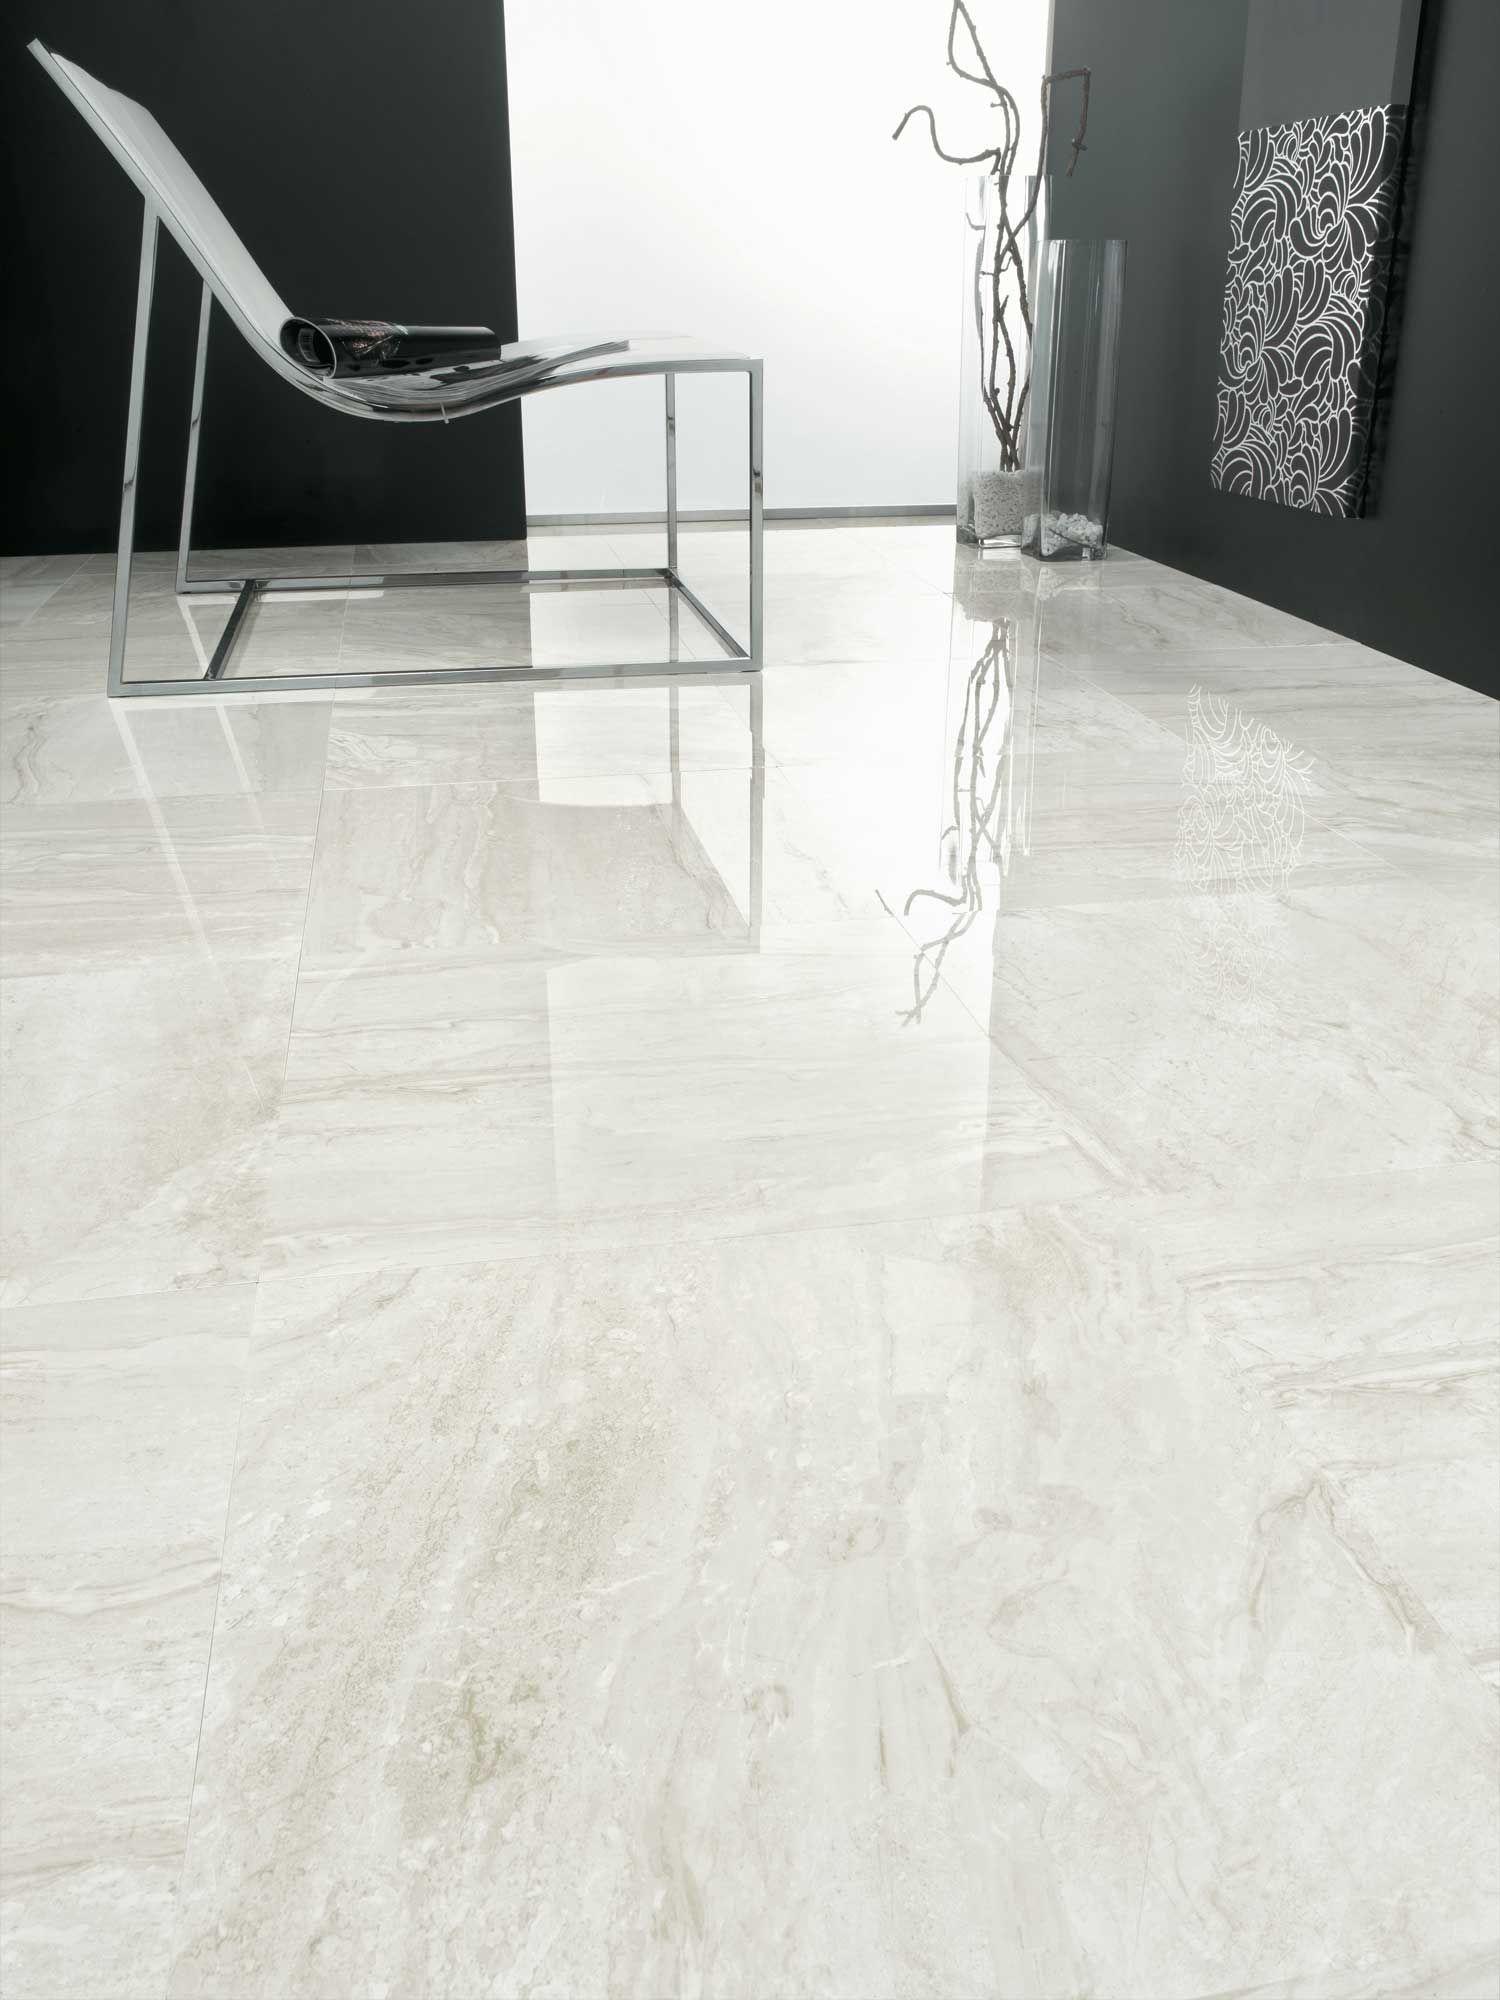 42 Attractive Porcelin Tile Floor Photo Tile Floor